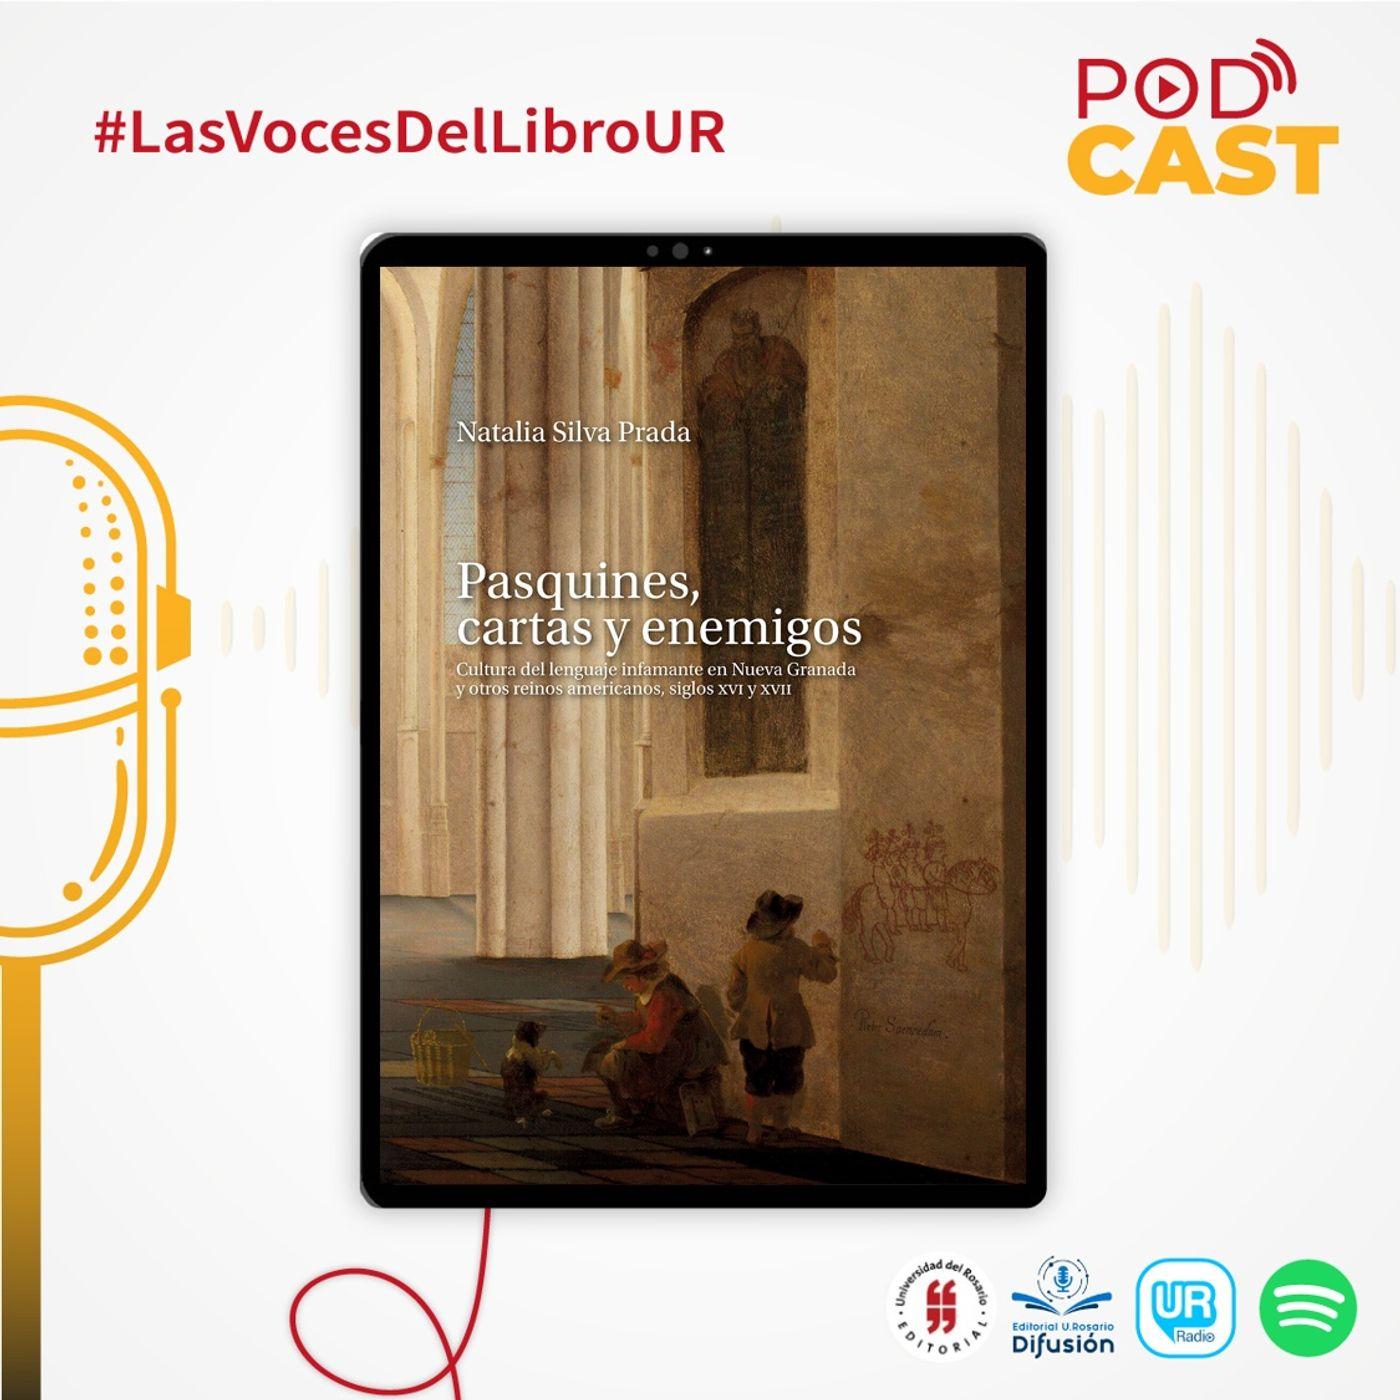 Cultura del lenguaje infamante en Nueva Granada y otros reinos americanos, siglos XVI y XVII